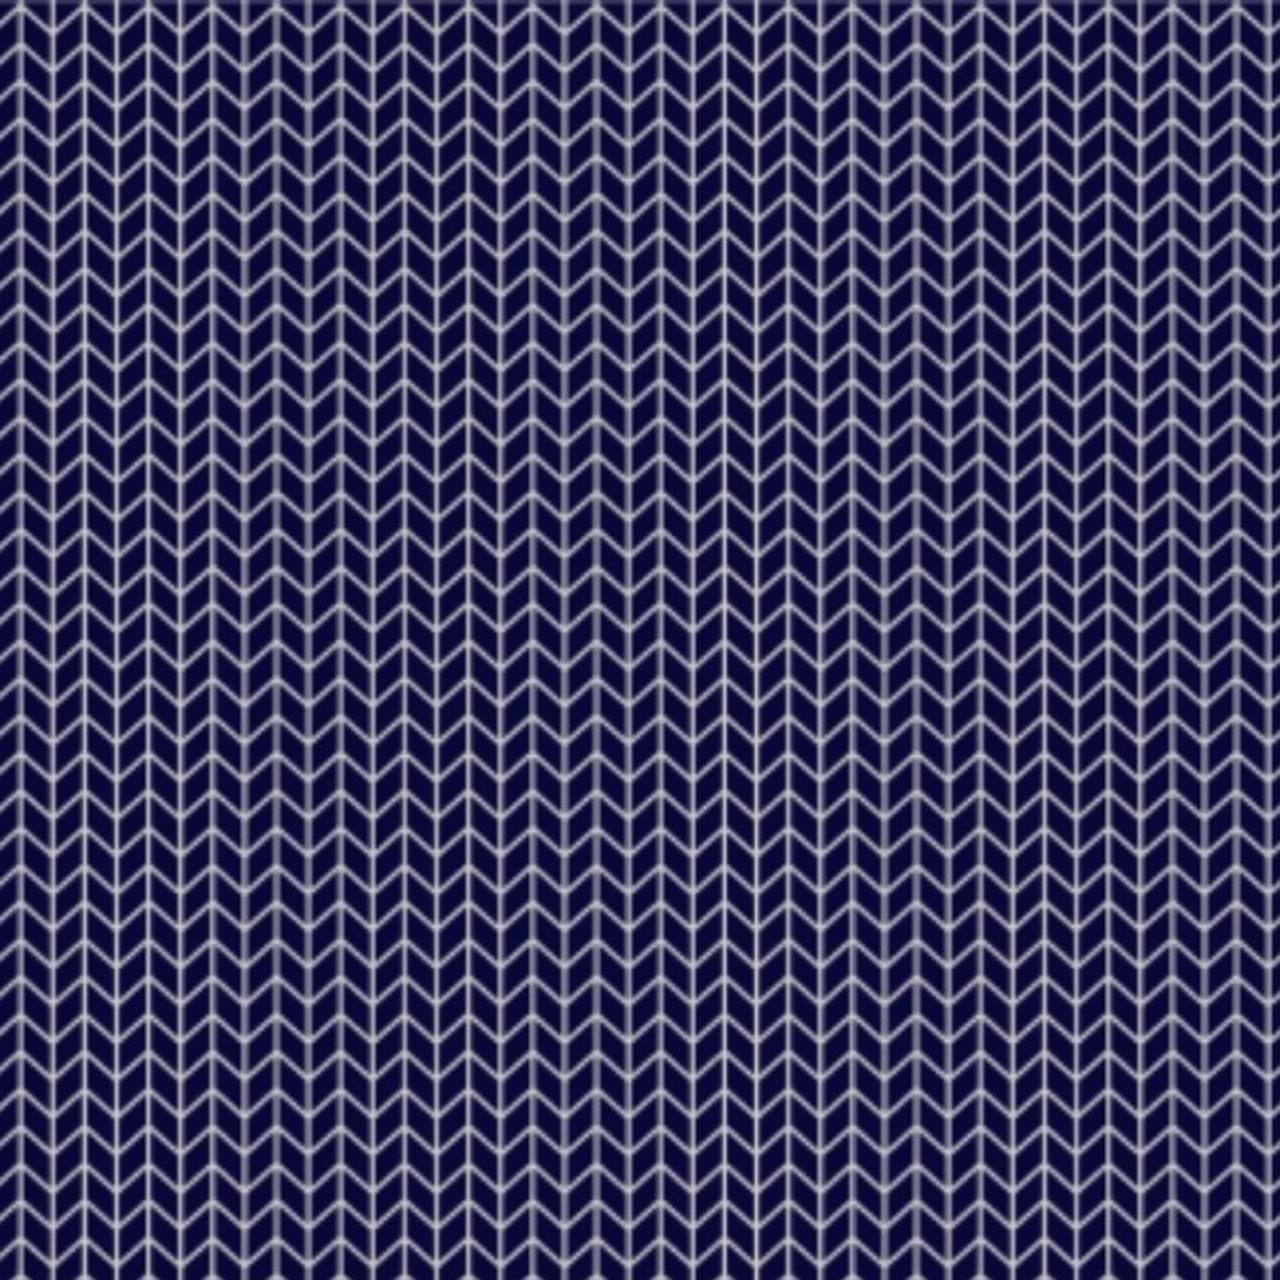 Jogo lençol de elástico solteiro estampa Chevron Trama marinha